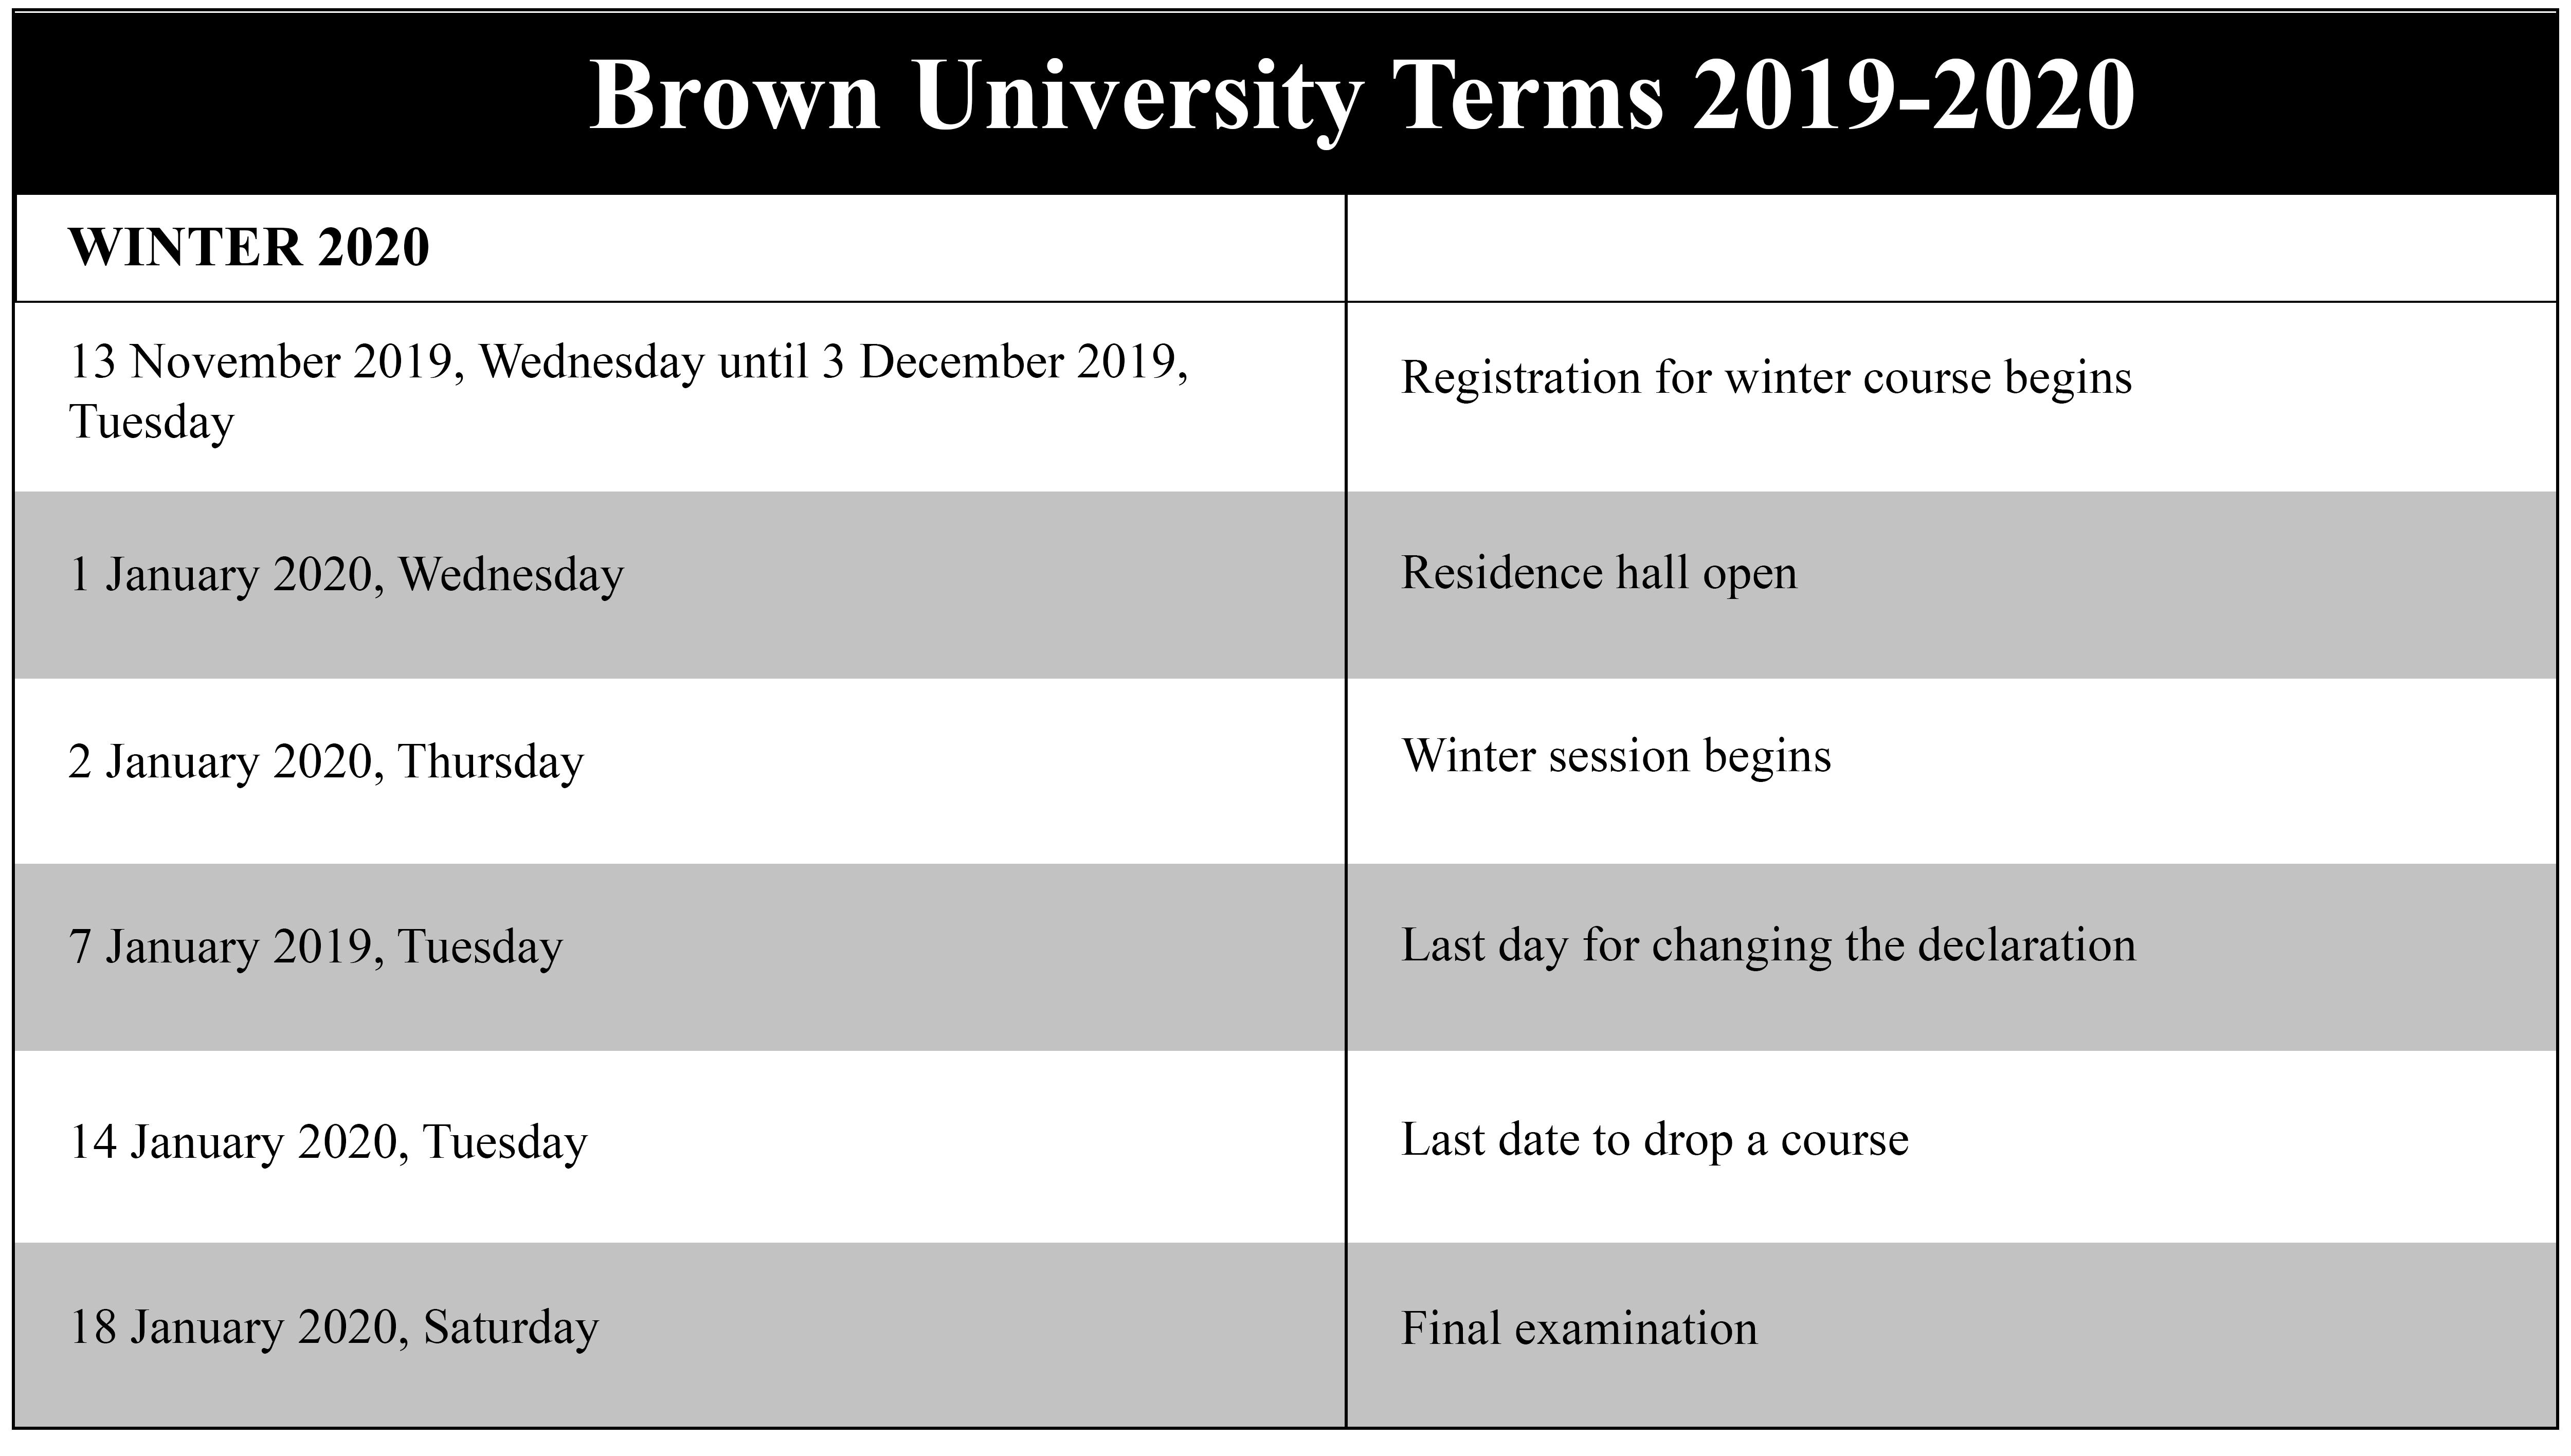 Brown University Terms 2019 2020 (Winter 2020) In Berkeley County School District Calendar 2021